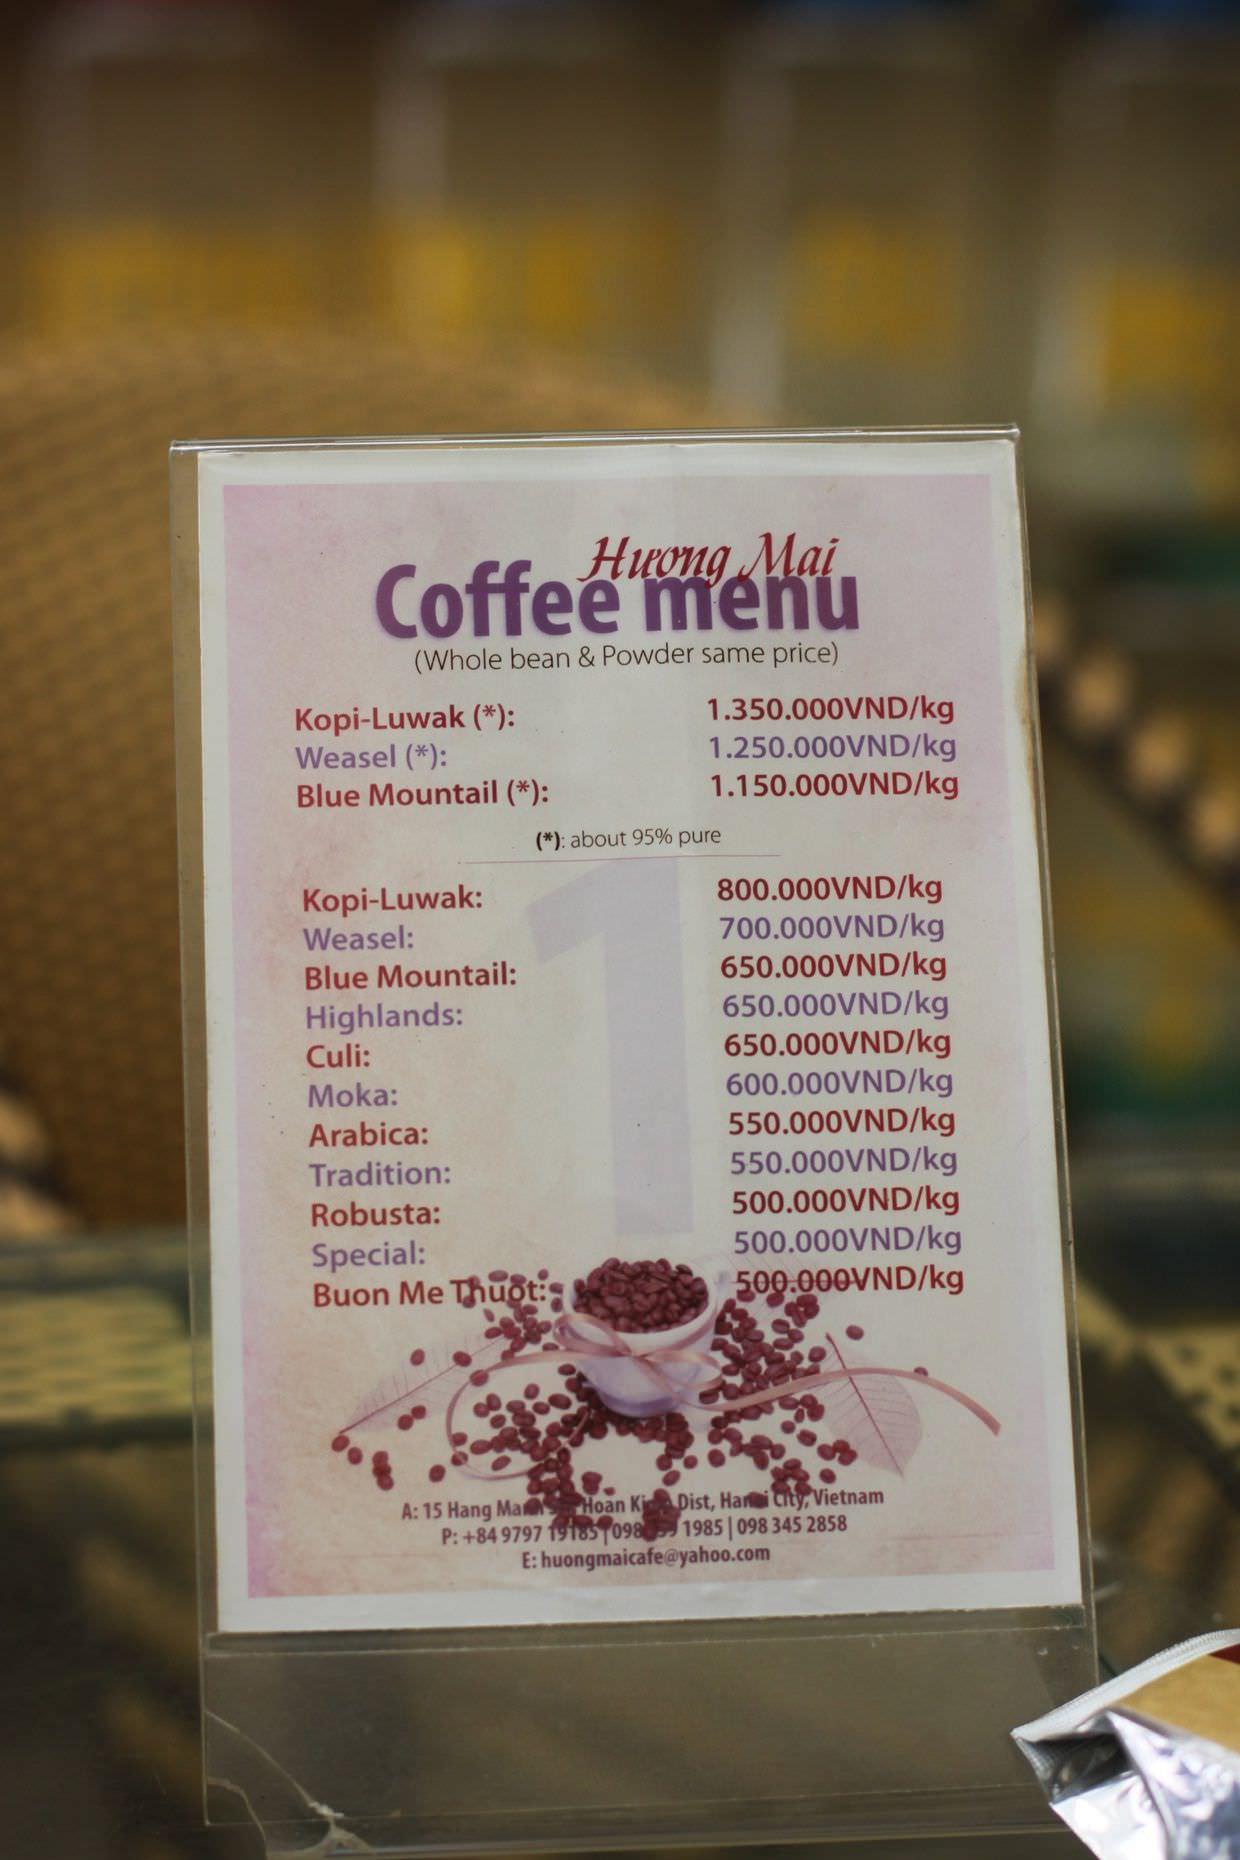 Huong Mai coffee menu